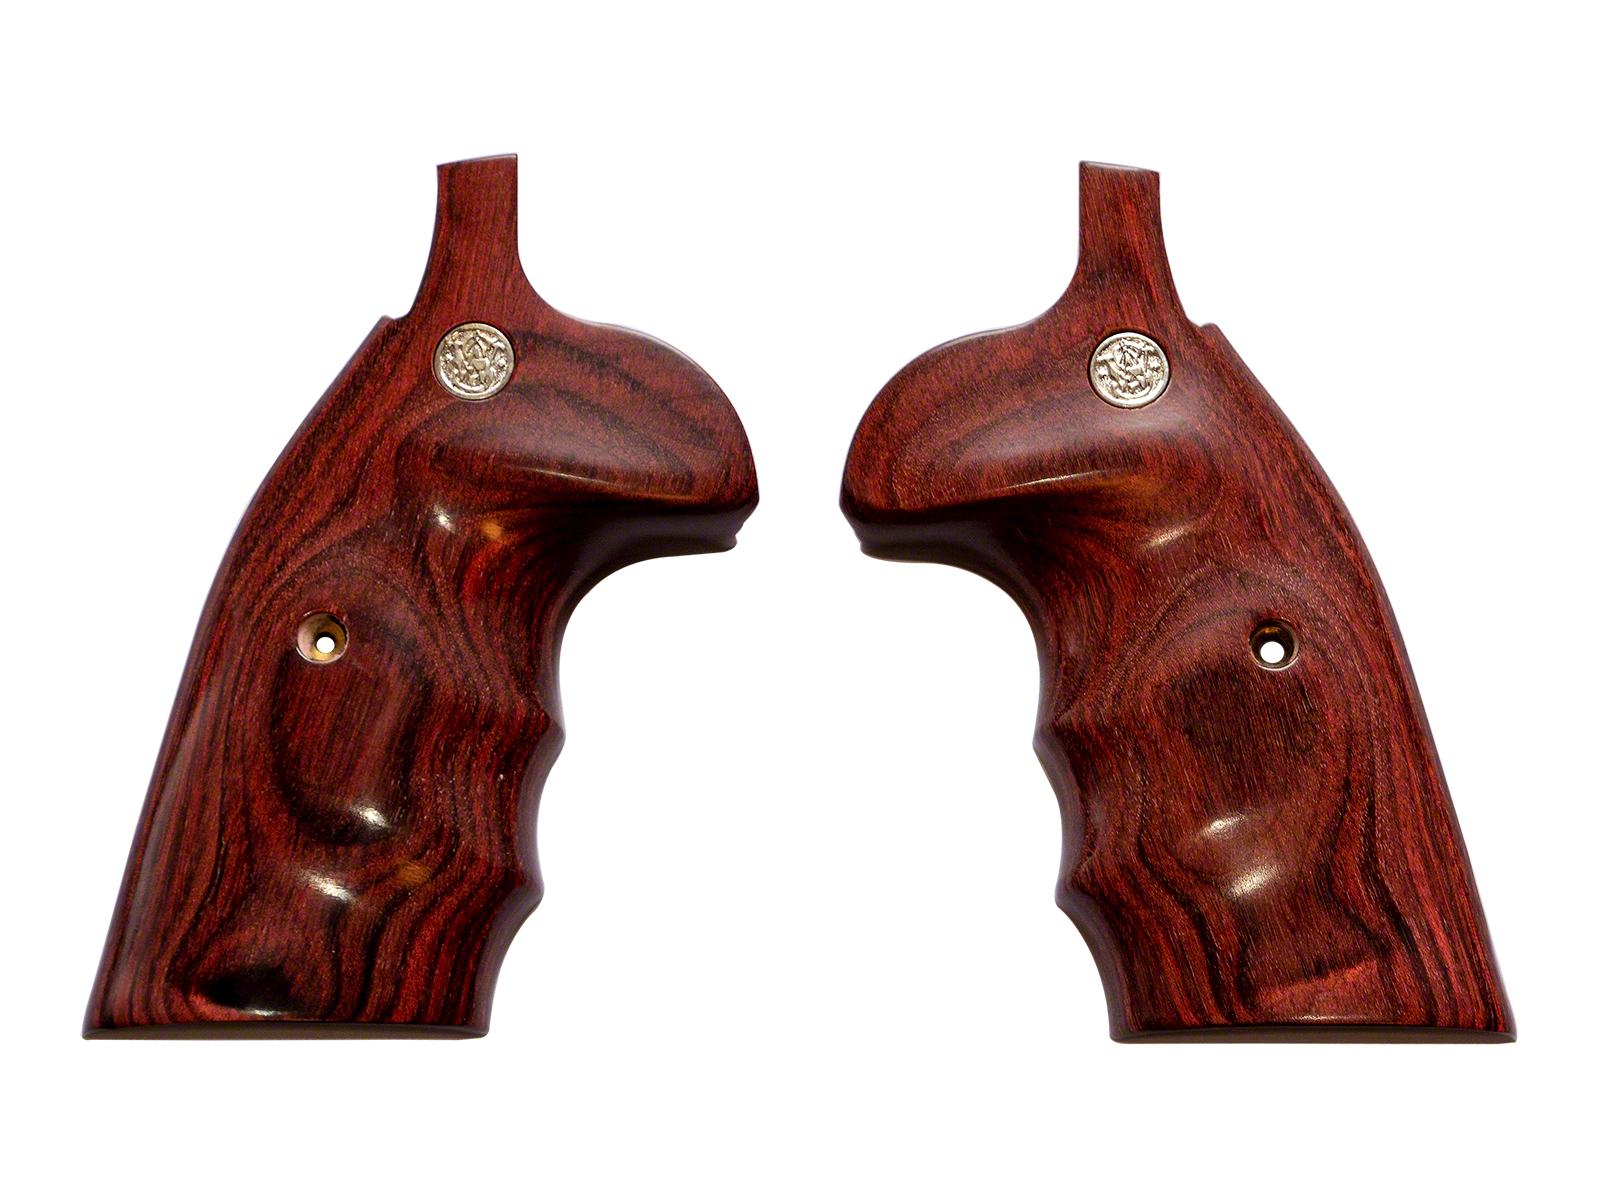 アルタモント <S&W>Kフレーム用 ラウンドバット コンバージョン オーバーサイズ フィンガー スムース 木製グリップ 赤色(ローズ) <Altamont><Smith&Wesson><スミス&ウェッソン>